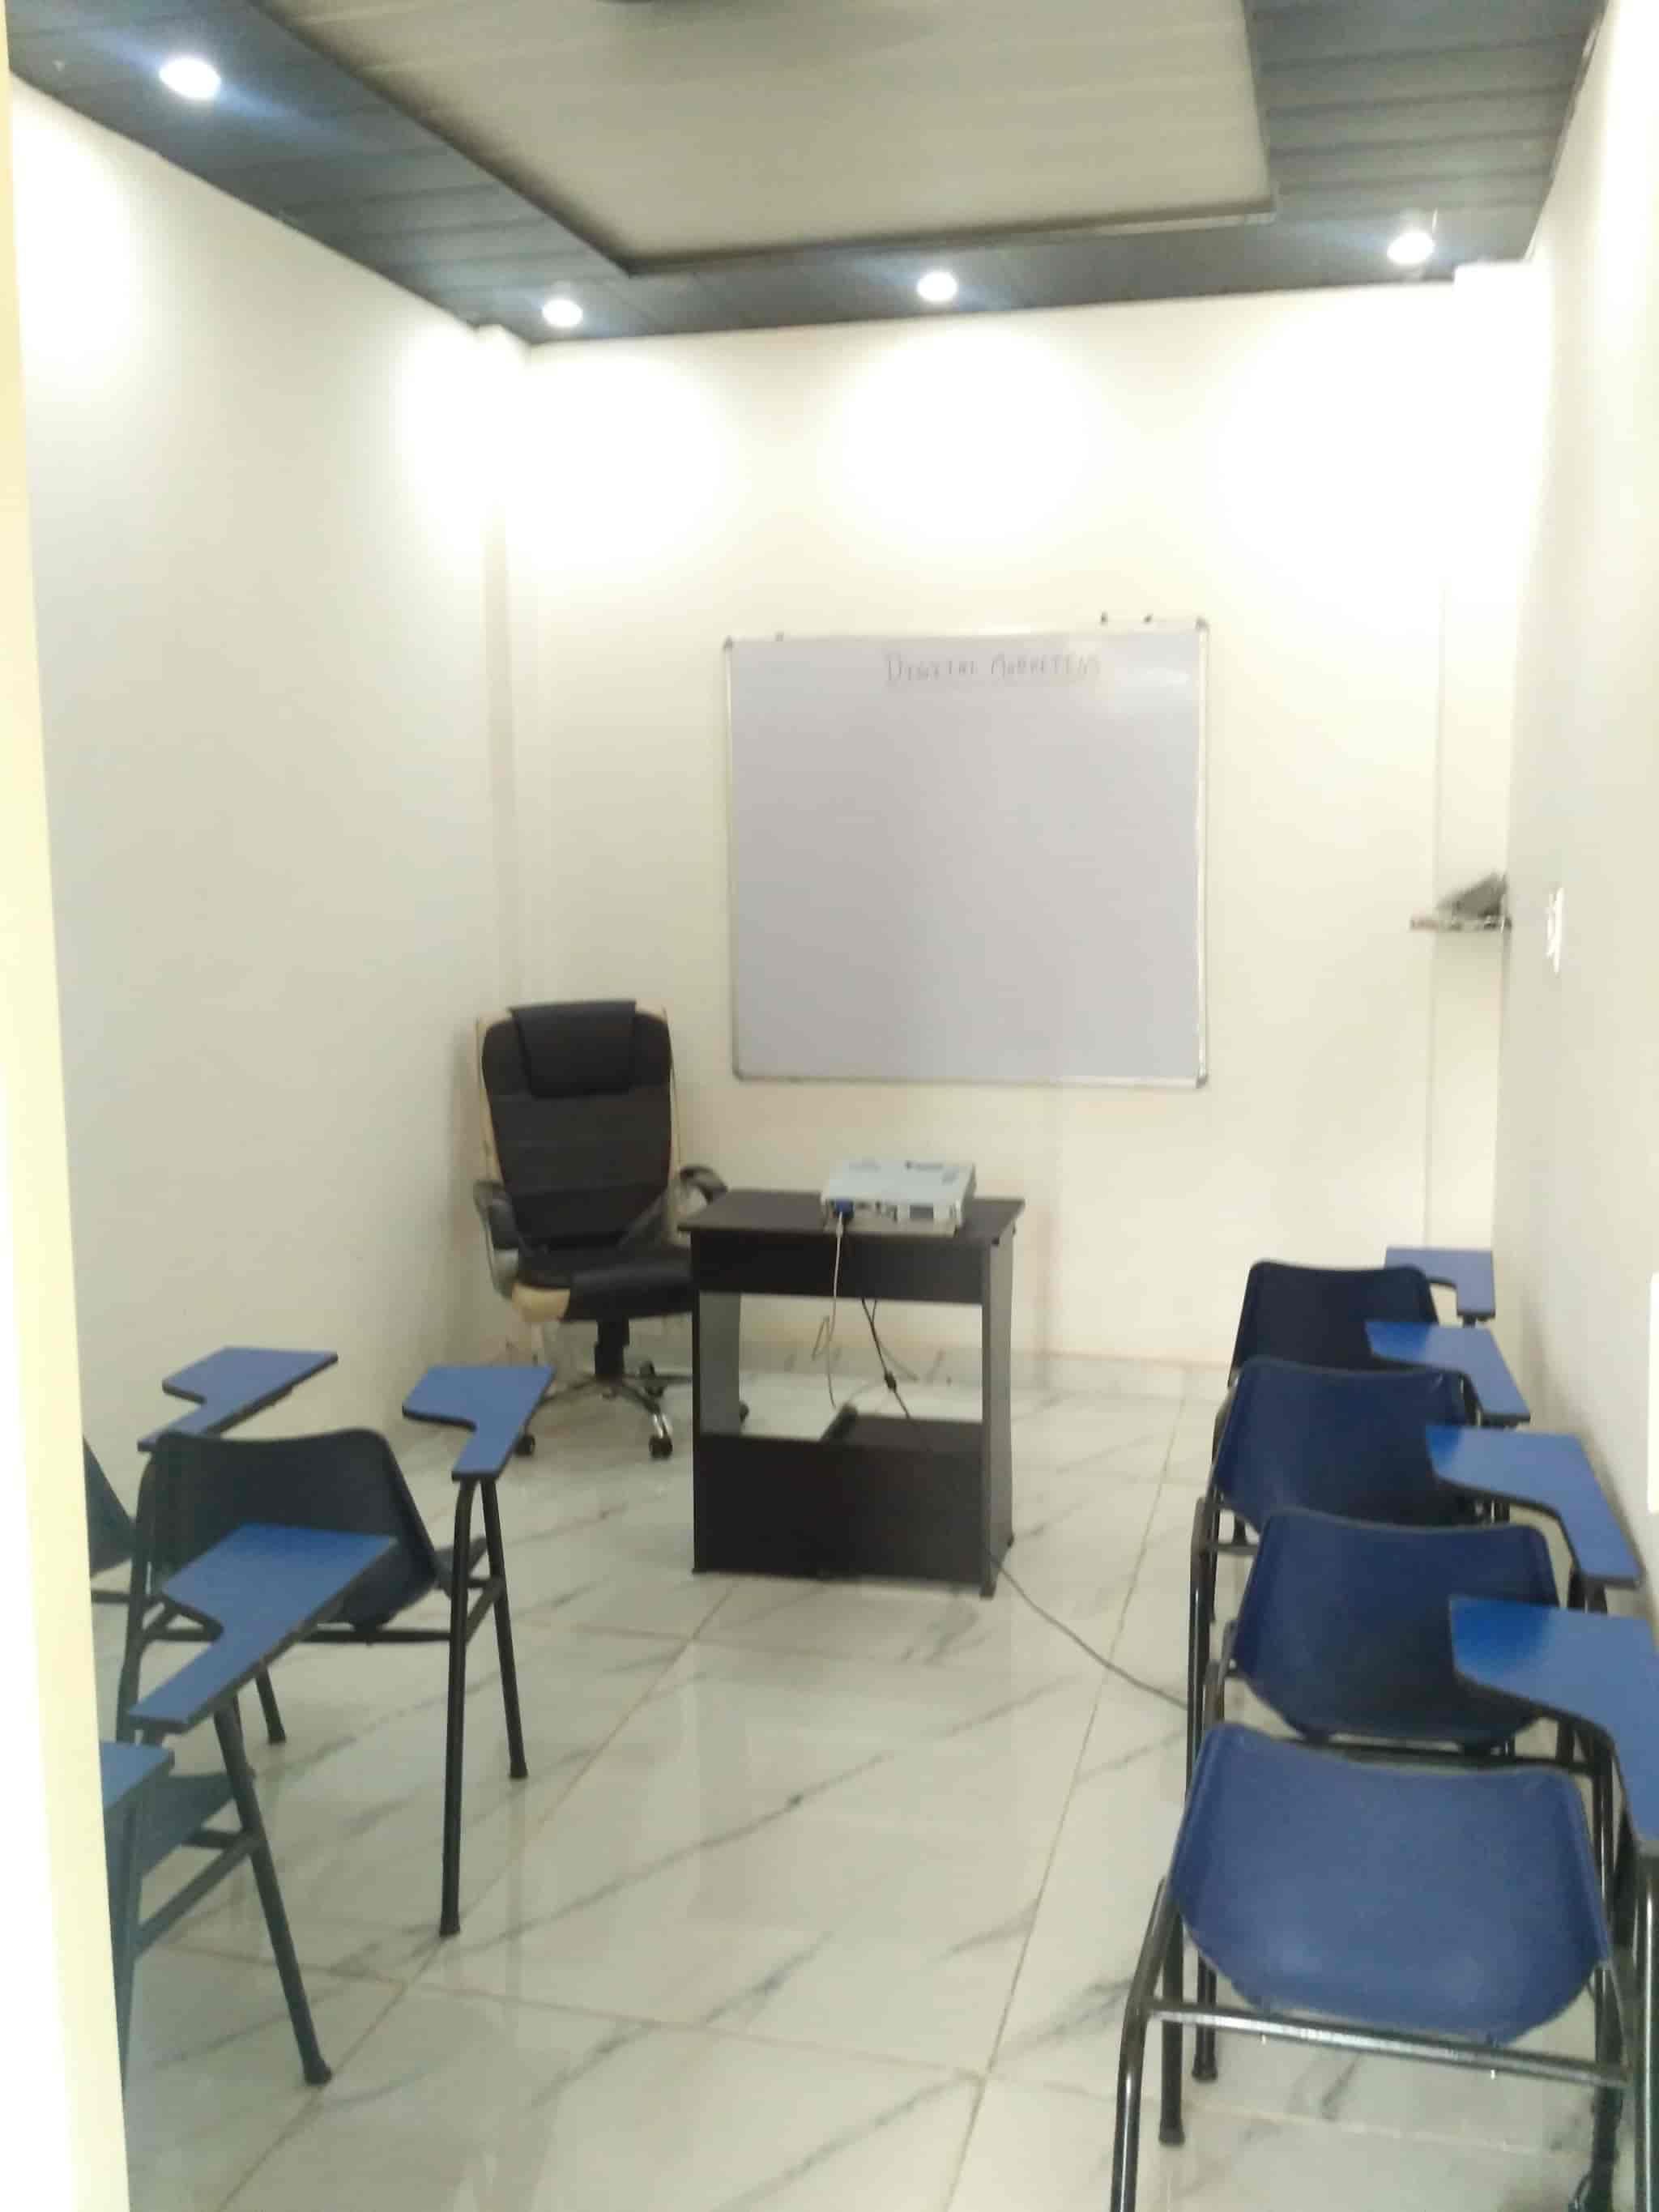 Lakshya Deep Digital Course Meerut City Internet Website Designers In Meerut Justdial